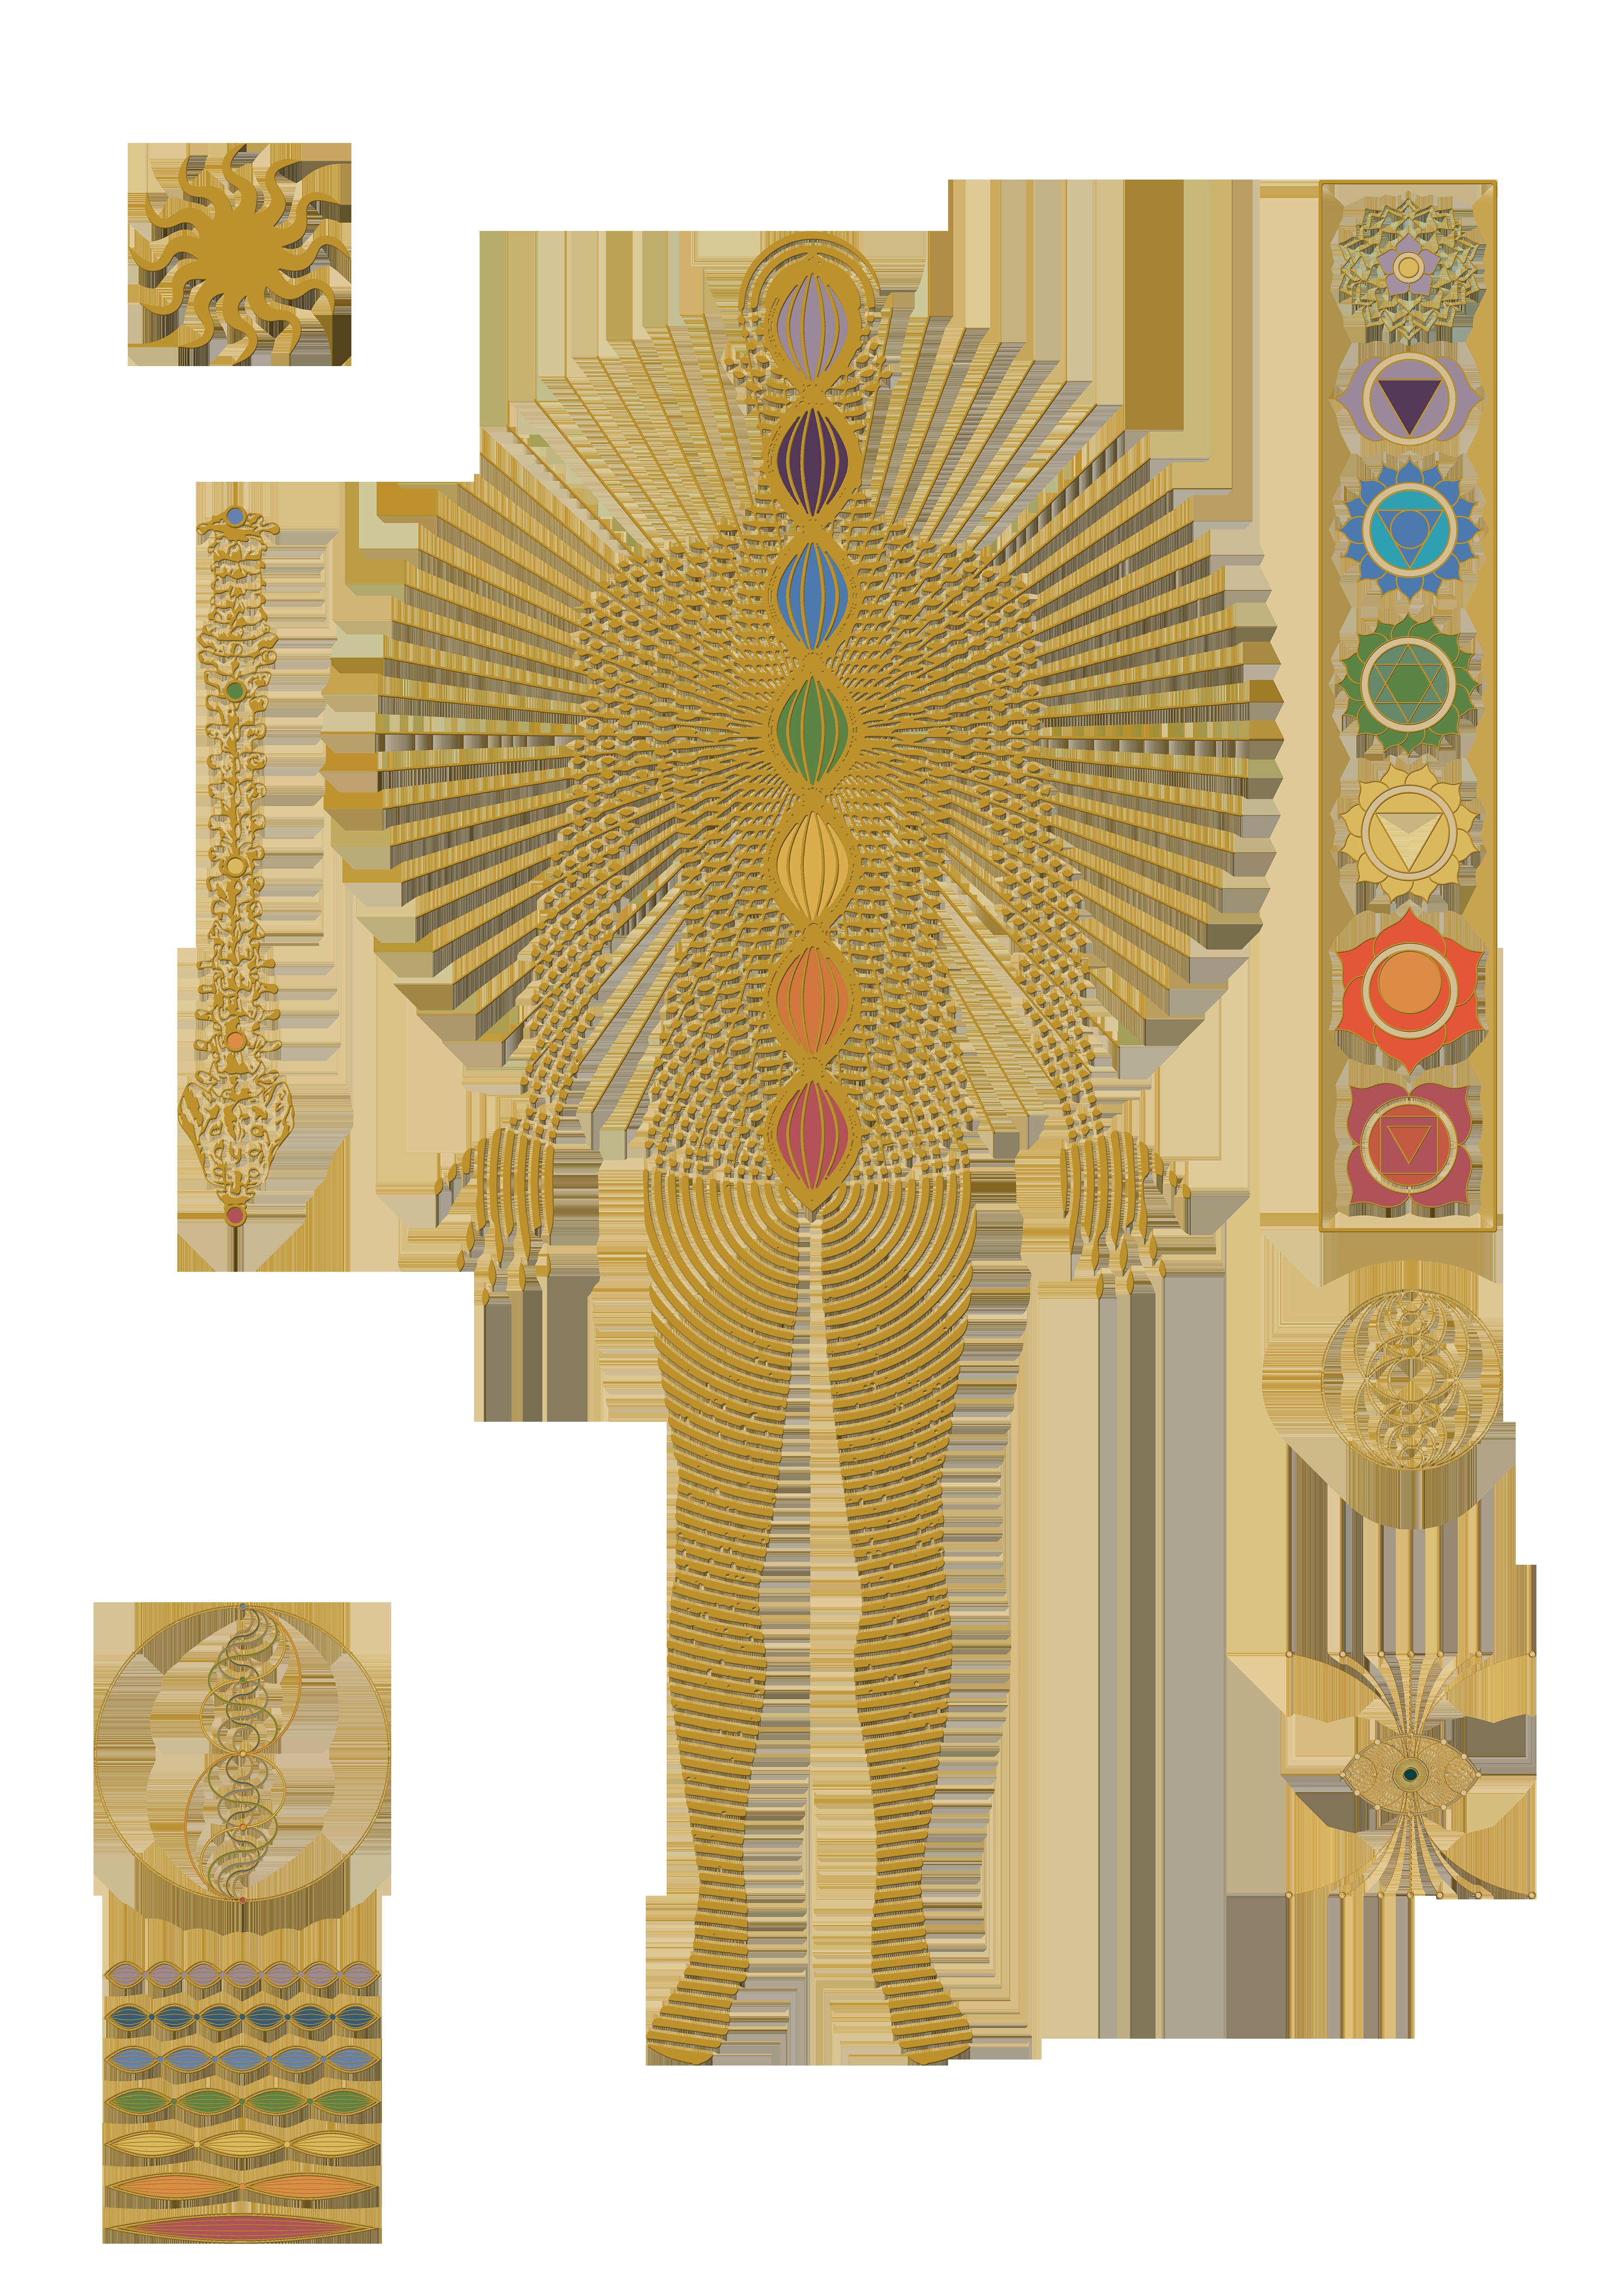 Kundalini chakra anatomy